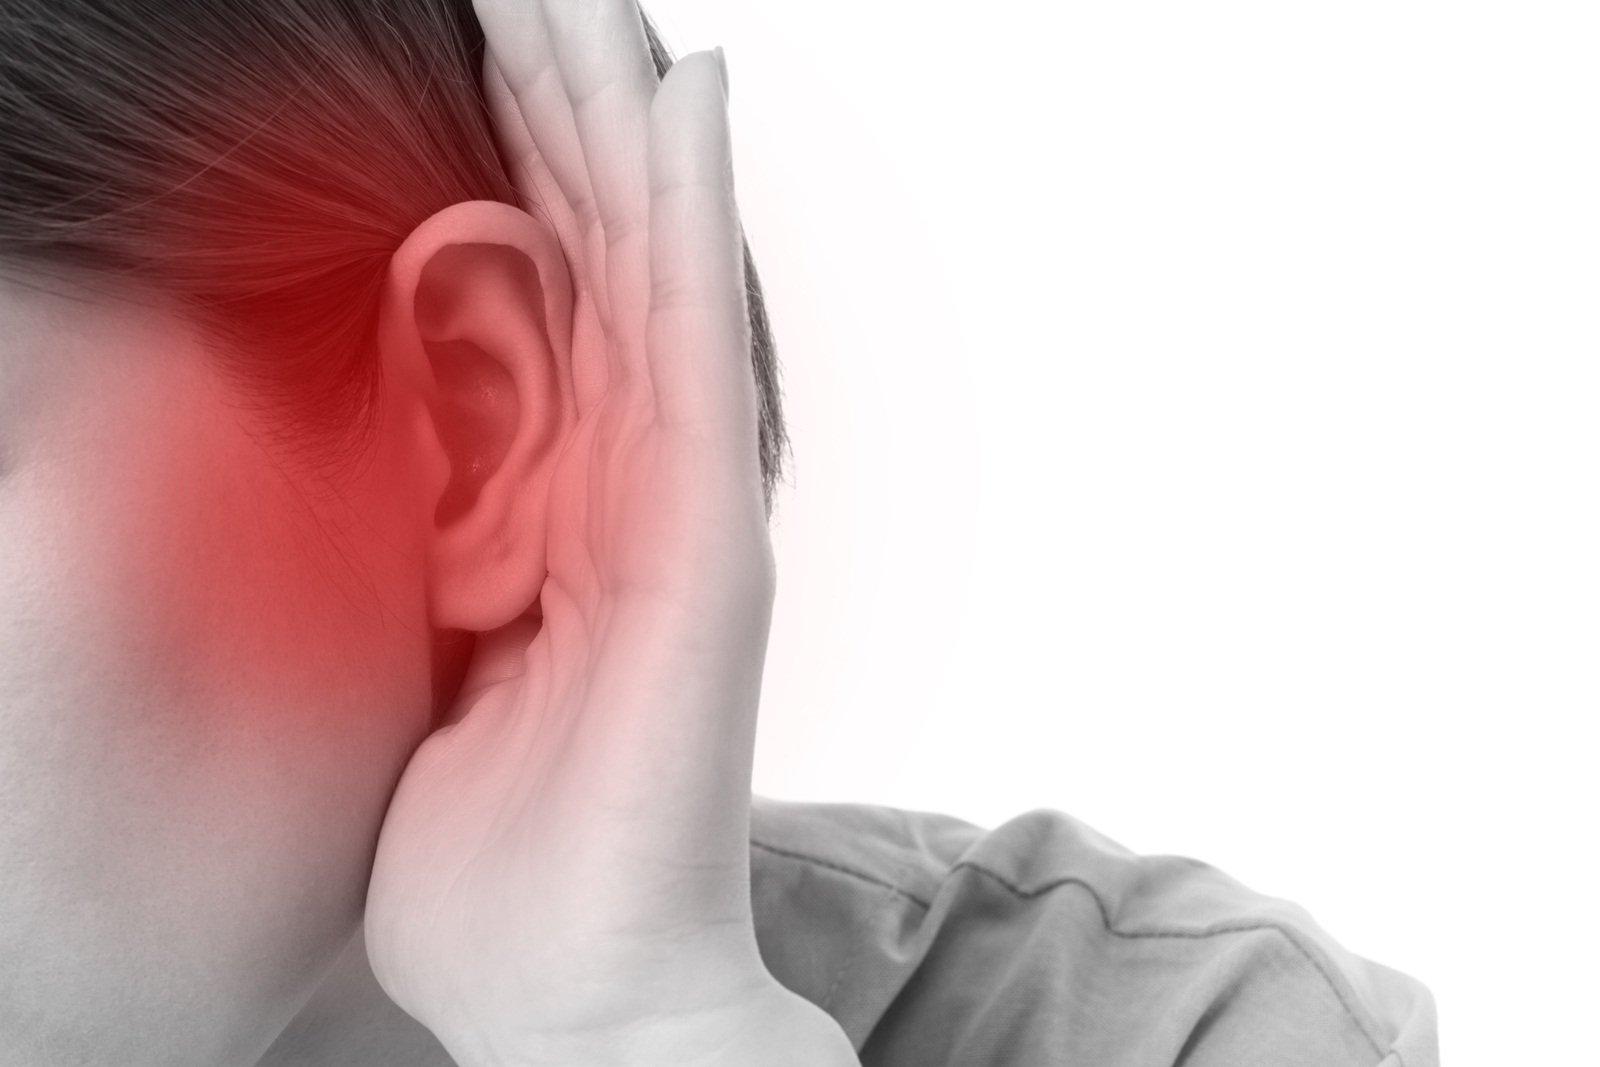 การผ่าตัดฝังประสาทหูเทียม thaihealth